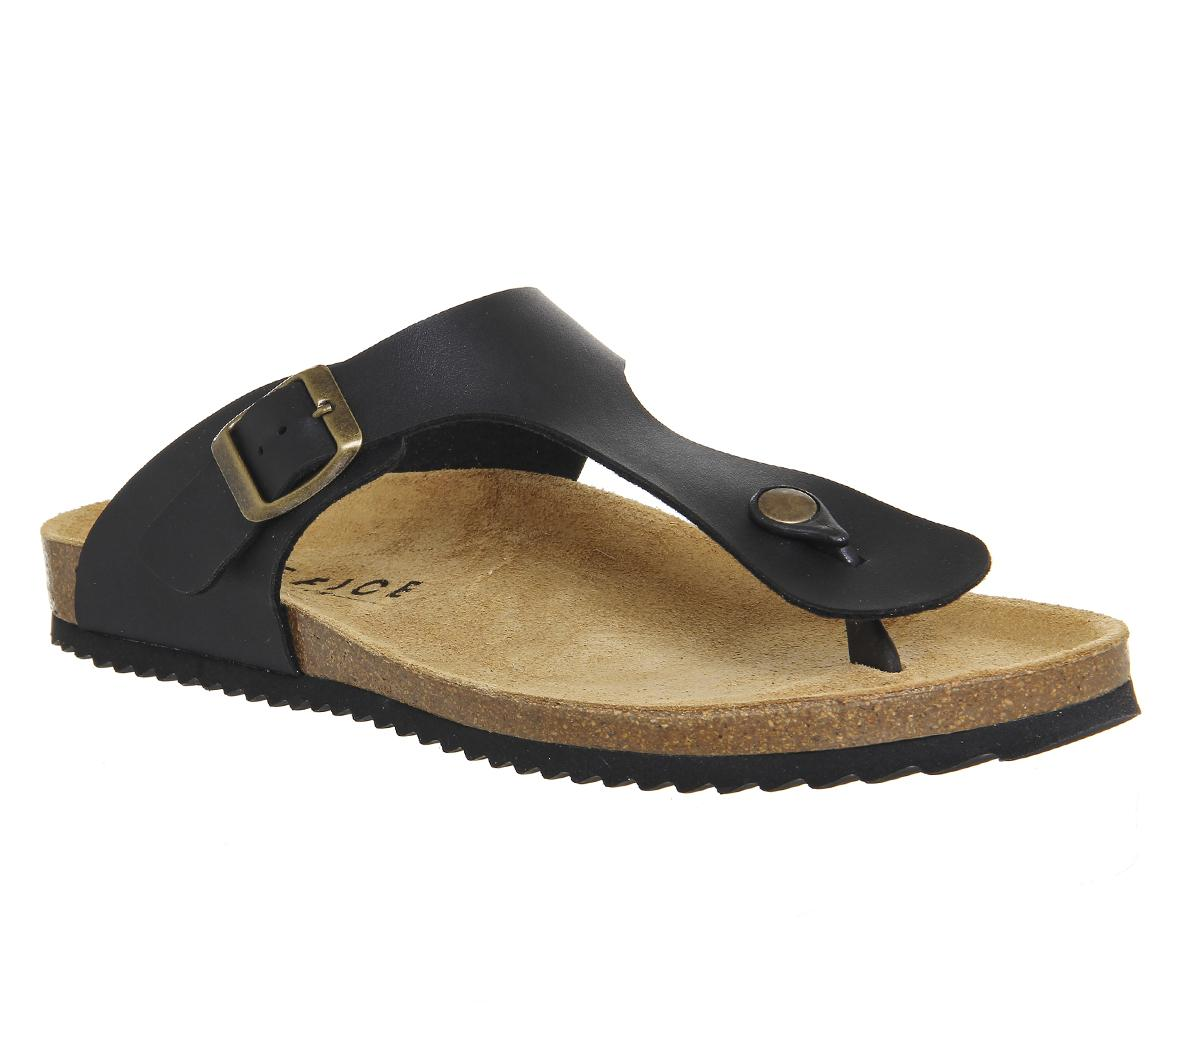 Delhi Toepost Sandals